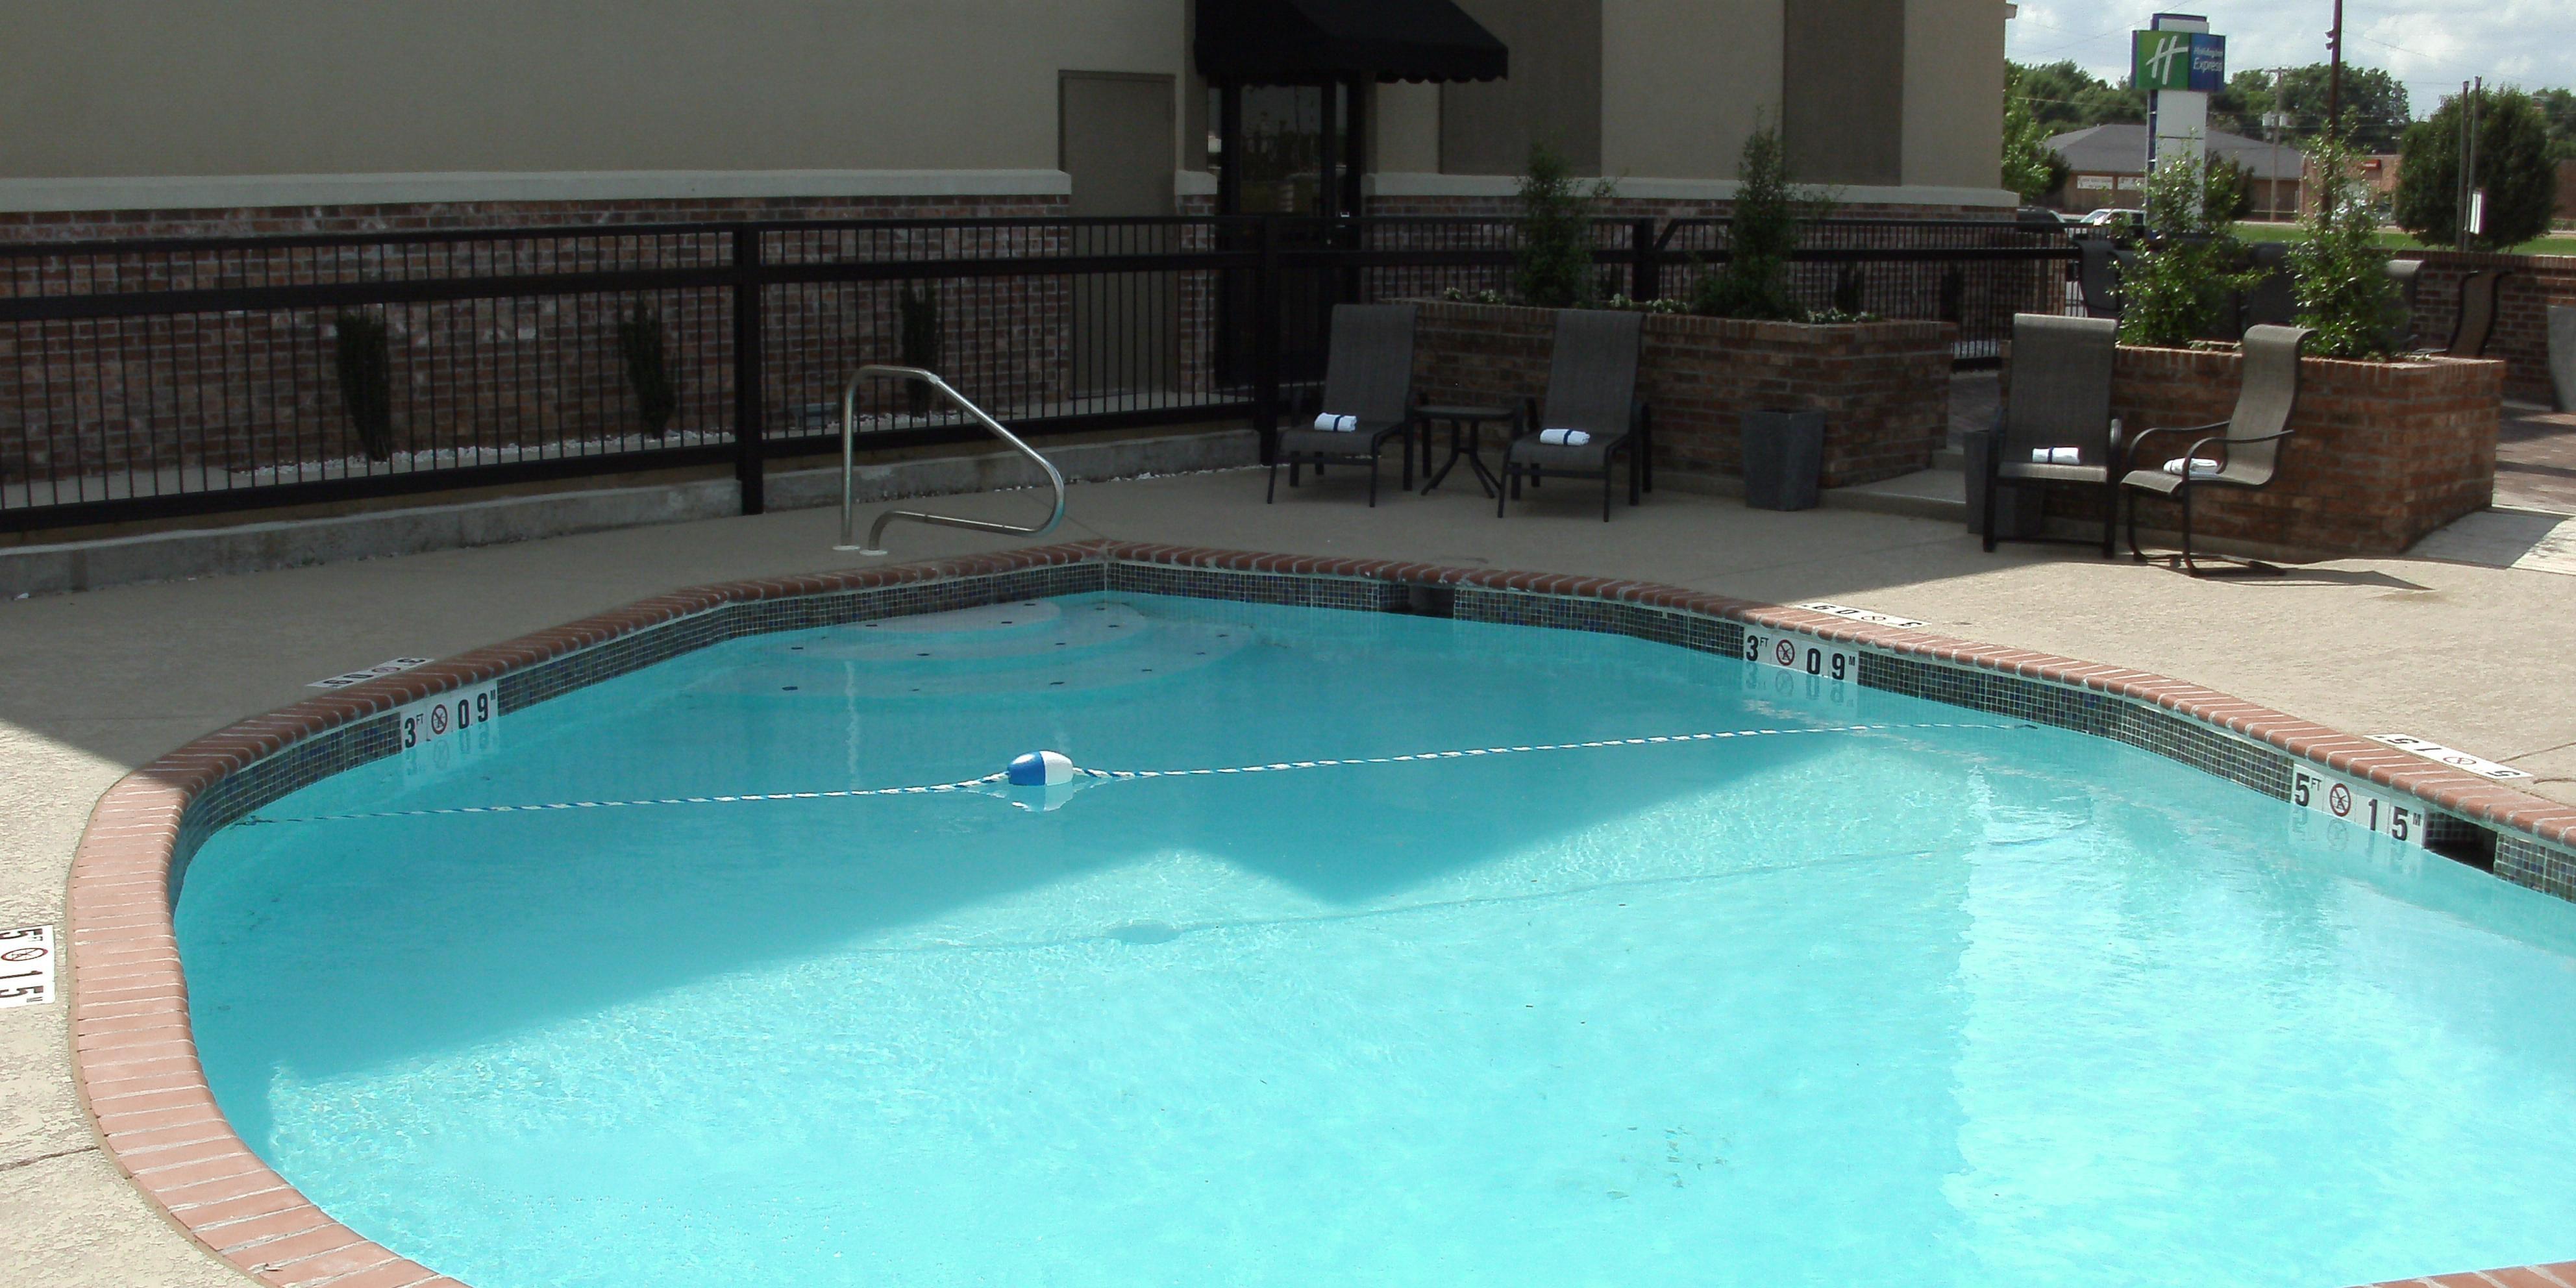 Holiday Inn Express New Albany 2532341885 2x1